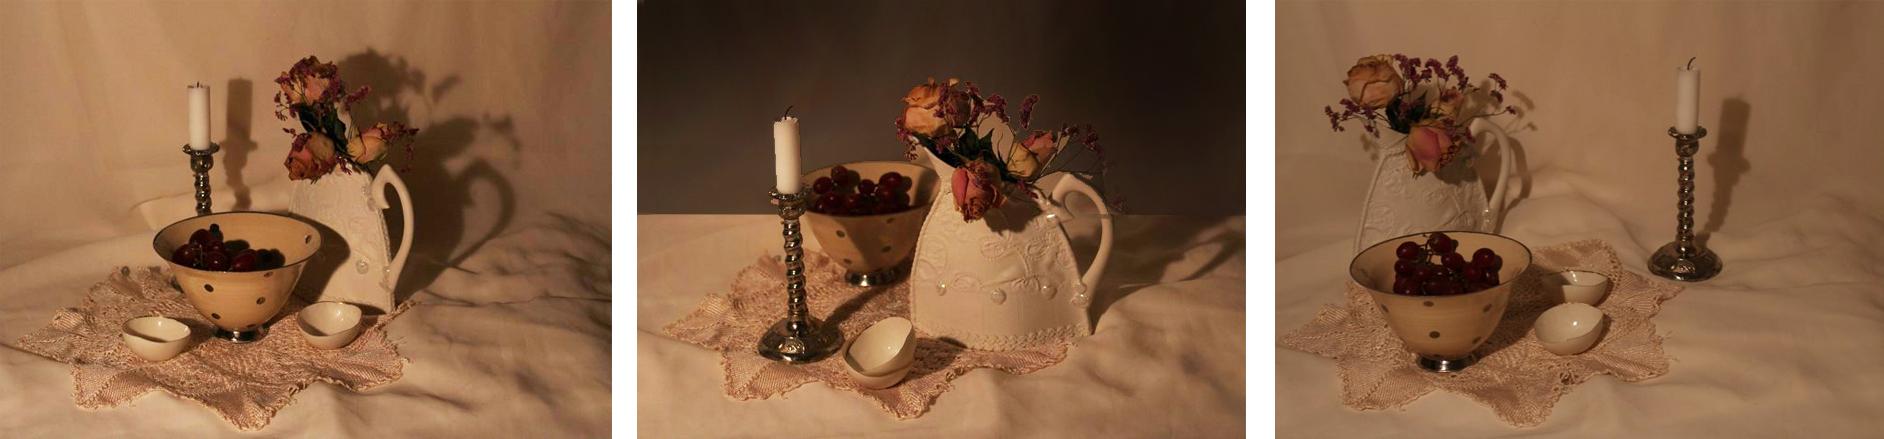 Tre ulike komposisjoner med utgangspunkt i samme gjenstander: Lysestake i messing med hvite lys, hvit porselenskål med lilla druer, to små hvite porselenskåler og hvit porselensmugge med visne roser